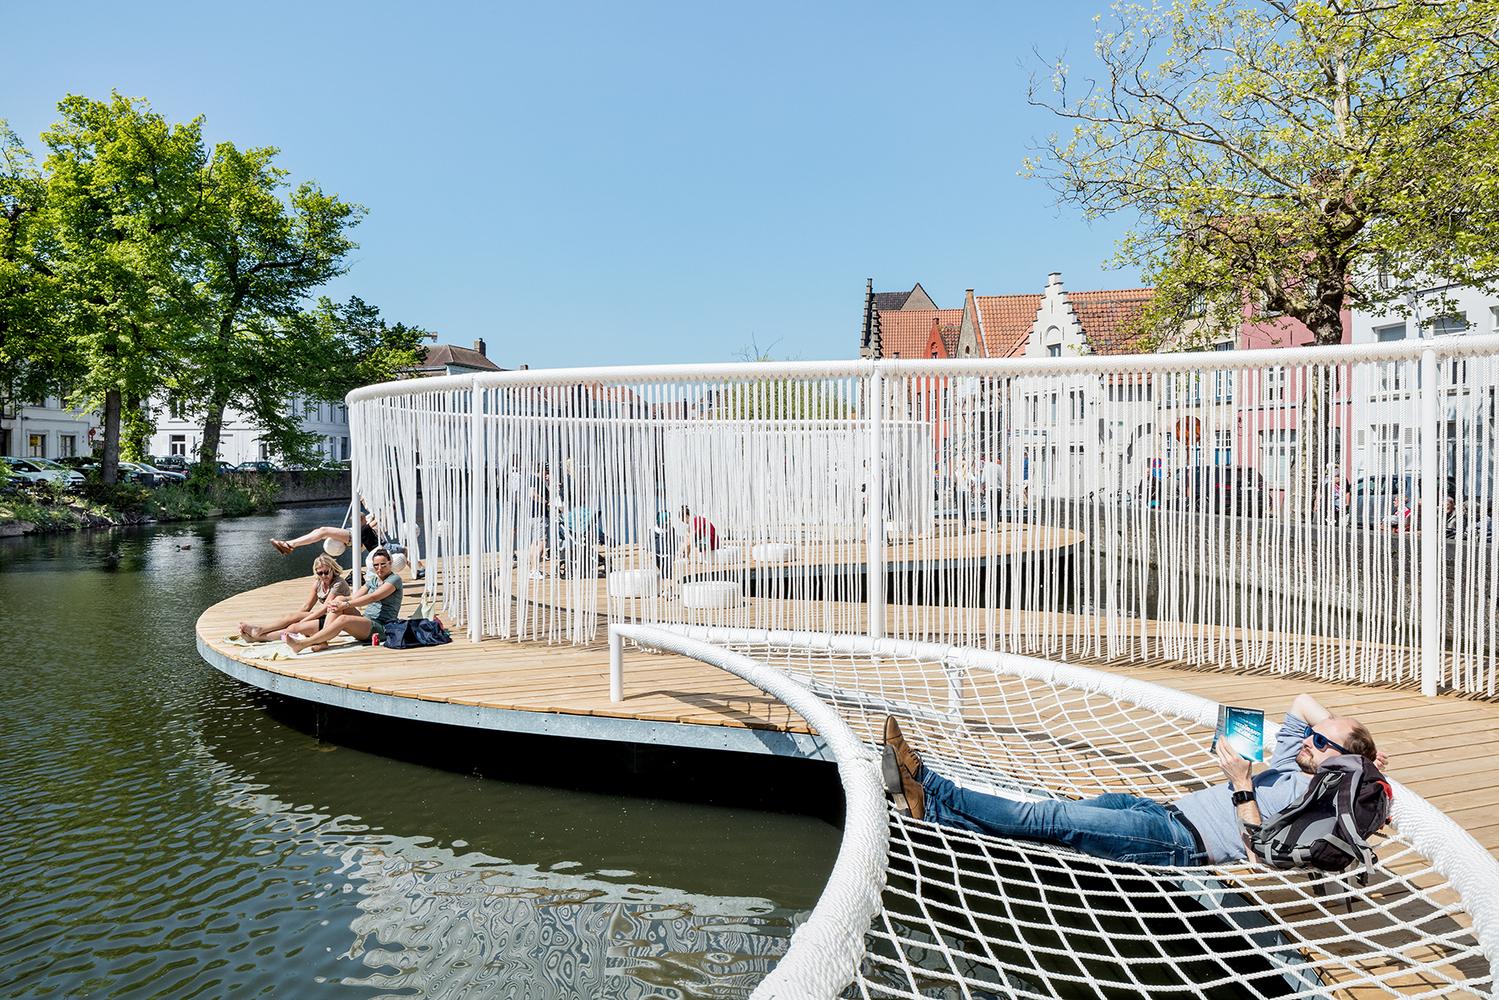 Deck de madera en espacios públicos: Suelos nobles para el encuentro colectivo,The Floating Island / OBBA & Dertien12. Image © Kyungsub Shin